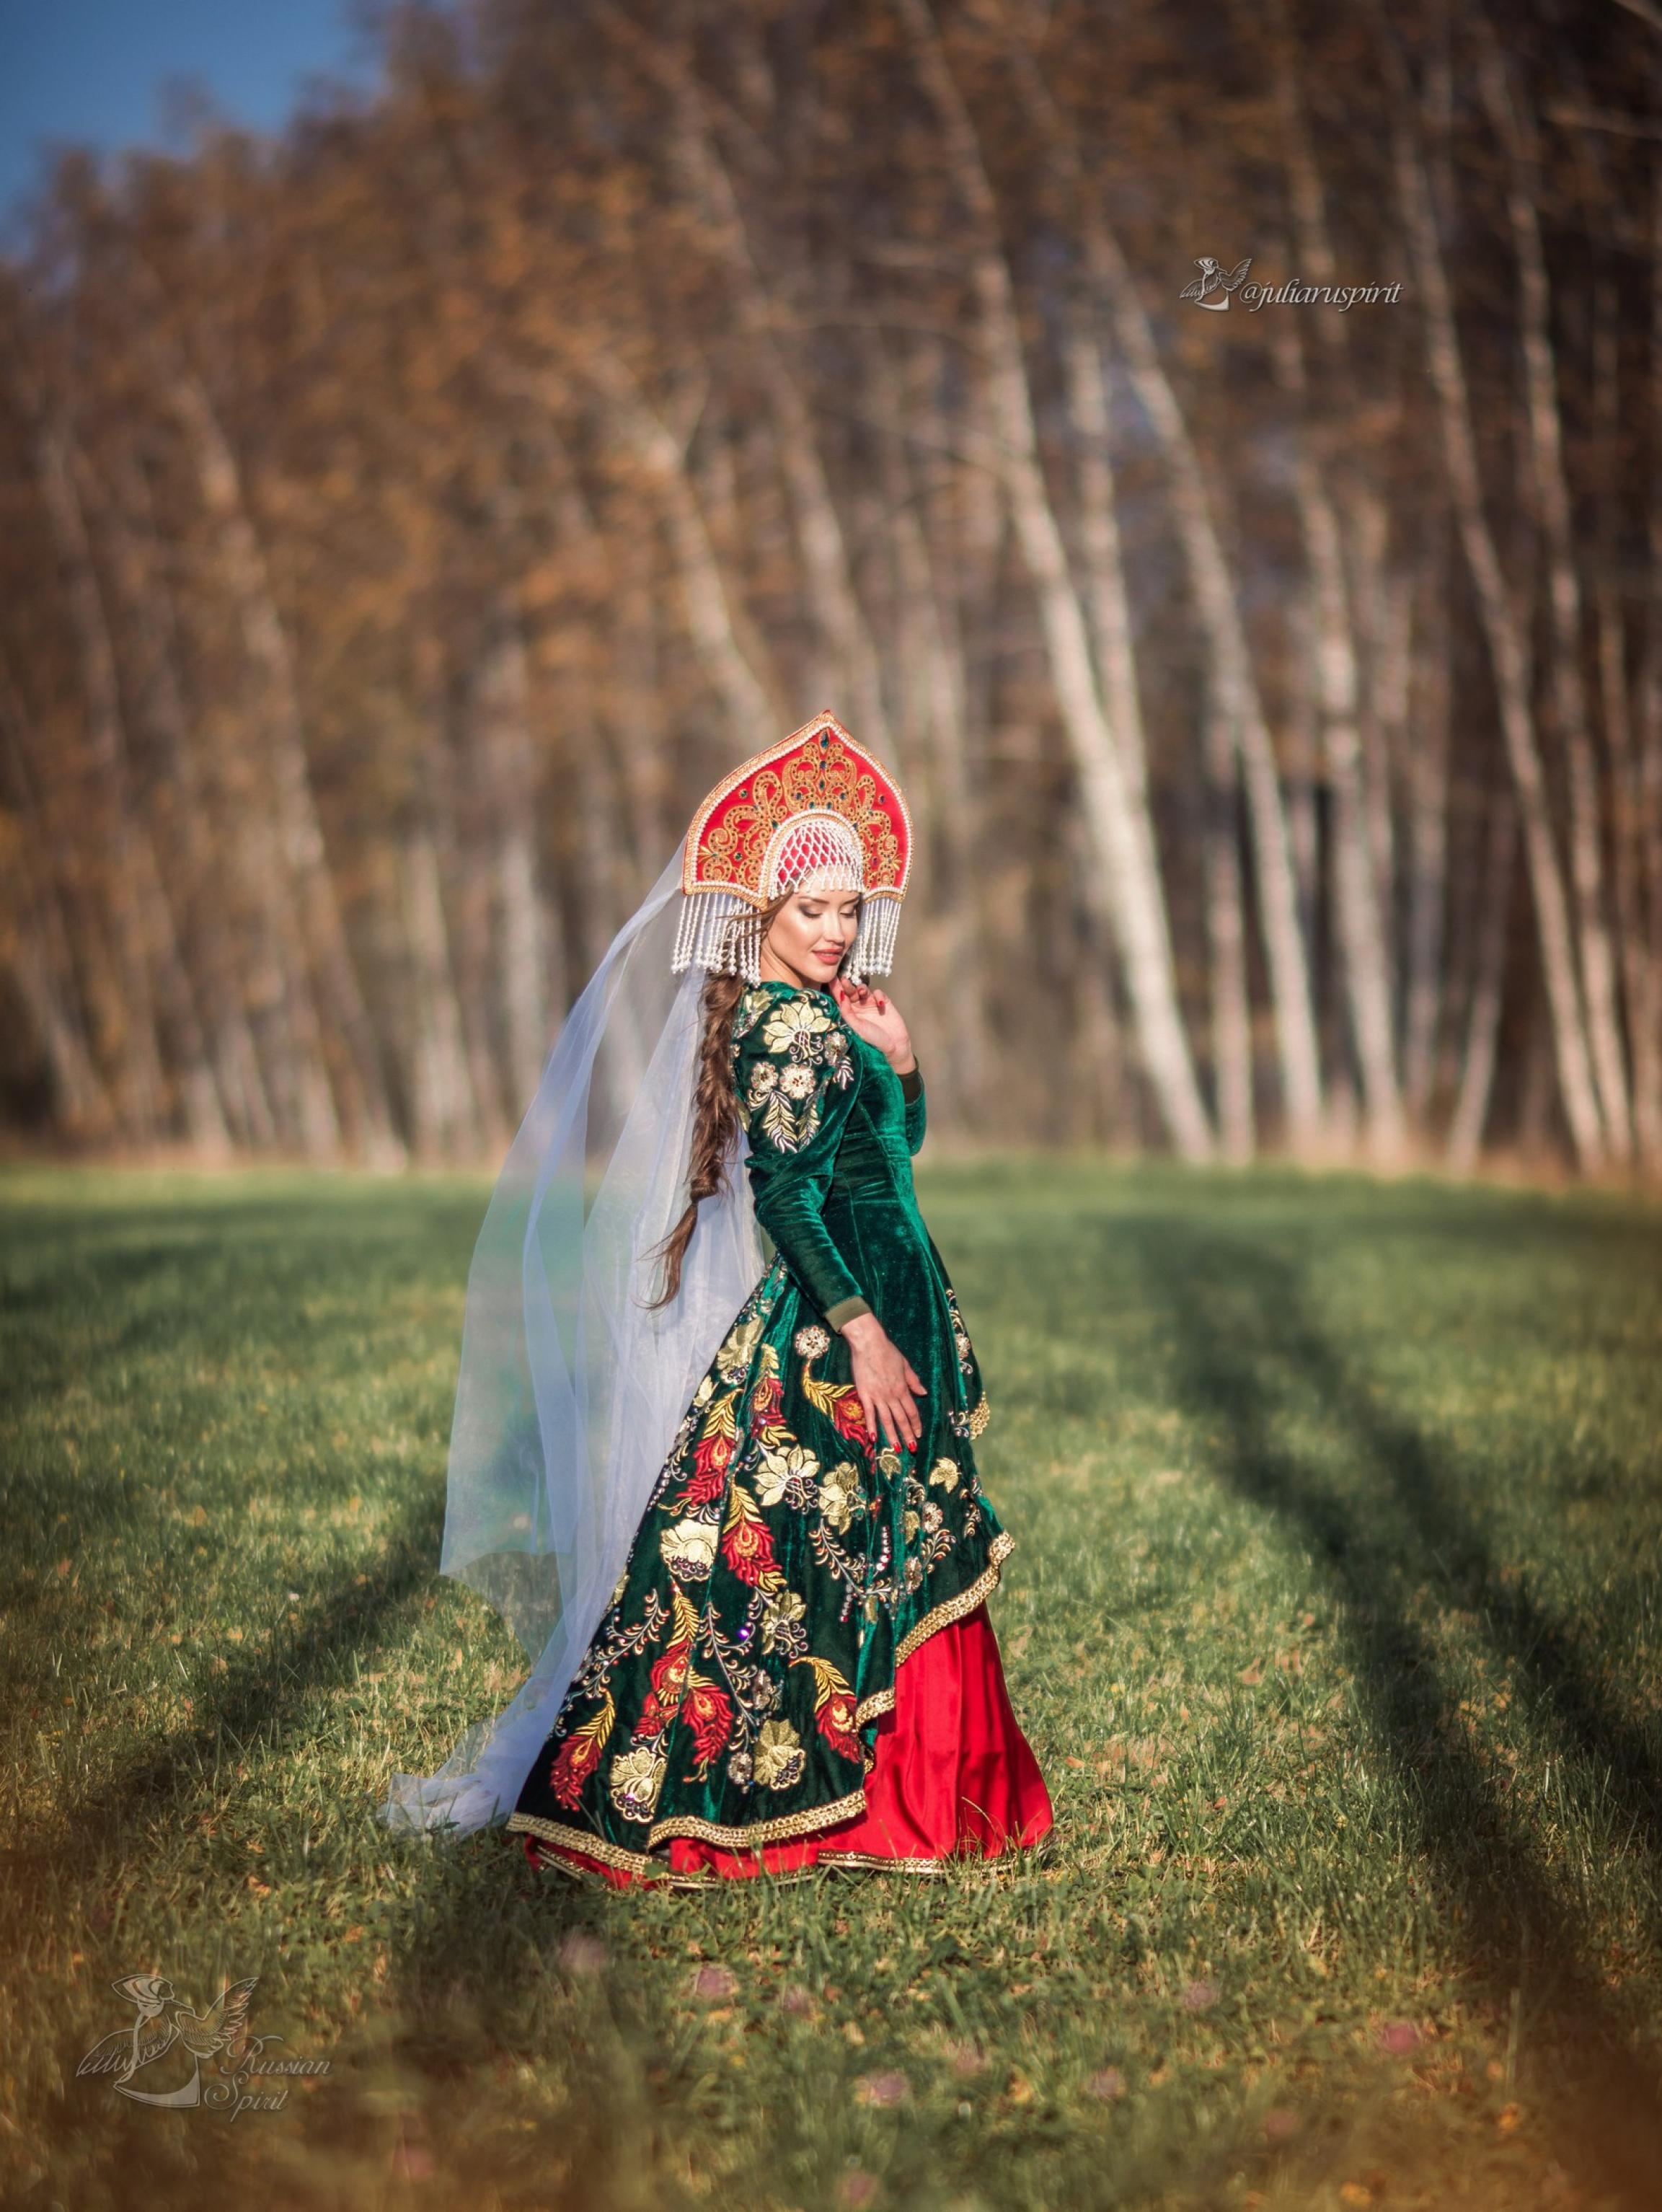 Девушка в вышитом узорами платье в кокошнике на фоне леса